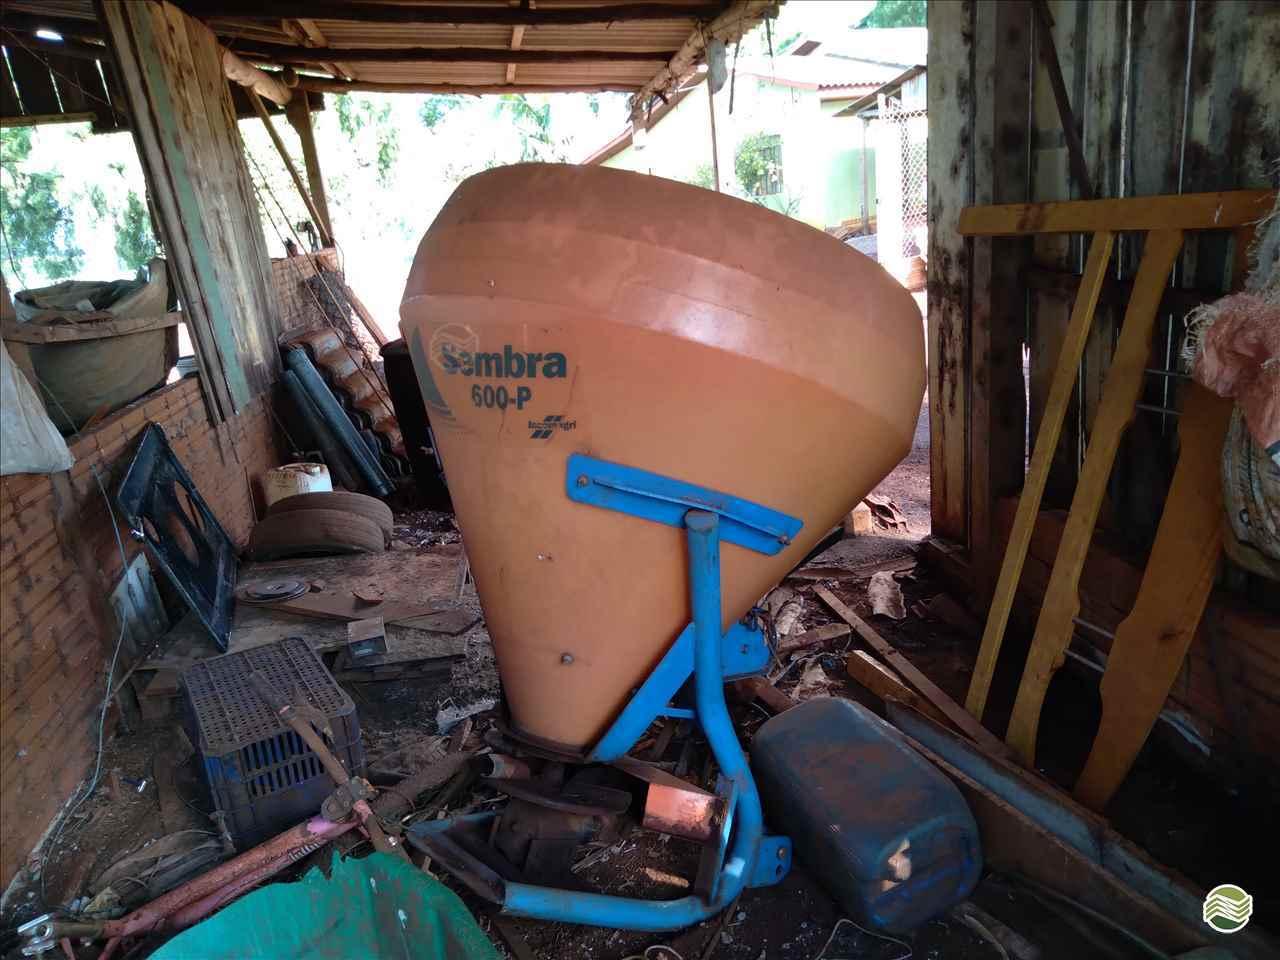 IMPLEMENTOS AGRICOLAS DISTRIBUIDOR CALCÁRIO 6000 Kg Terral Máquinas e Peças Agrícolas CASCAVEL PARANÁ PR